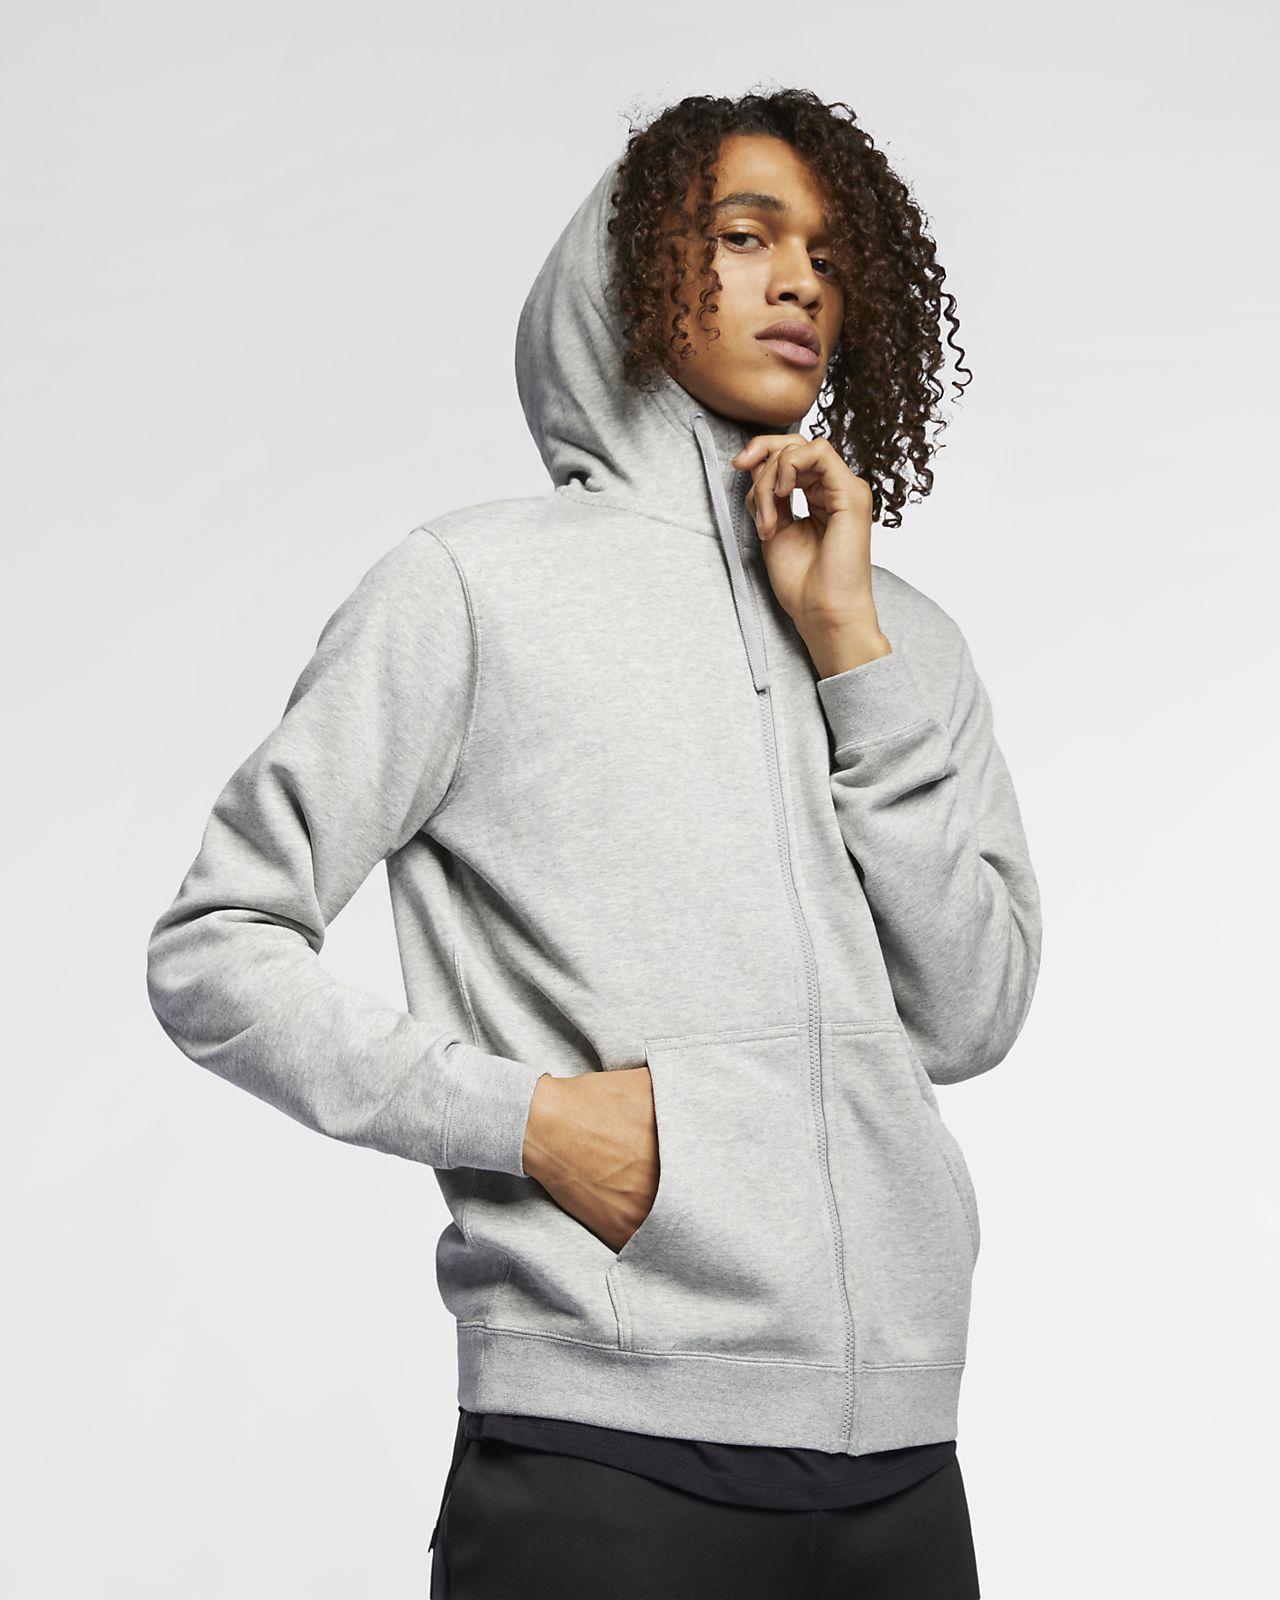 Nike Sportswear Herren-Hoodie mit durchgehendem Reißverschluss